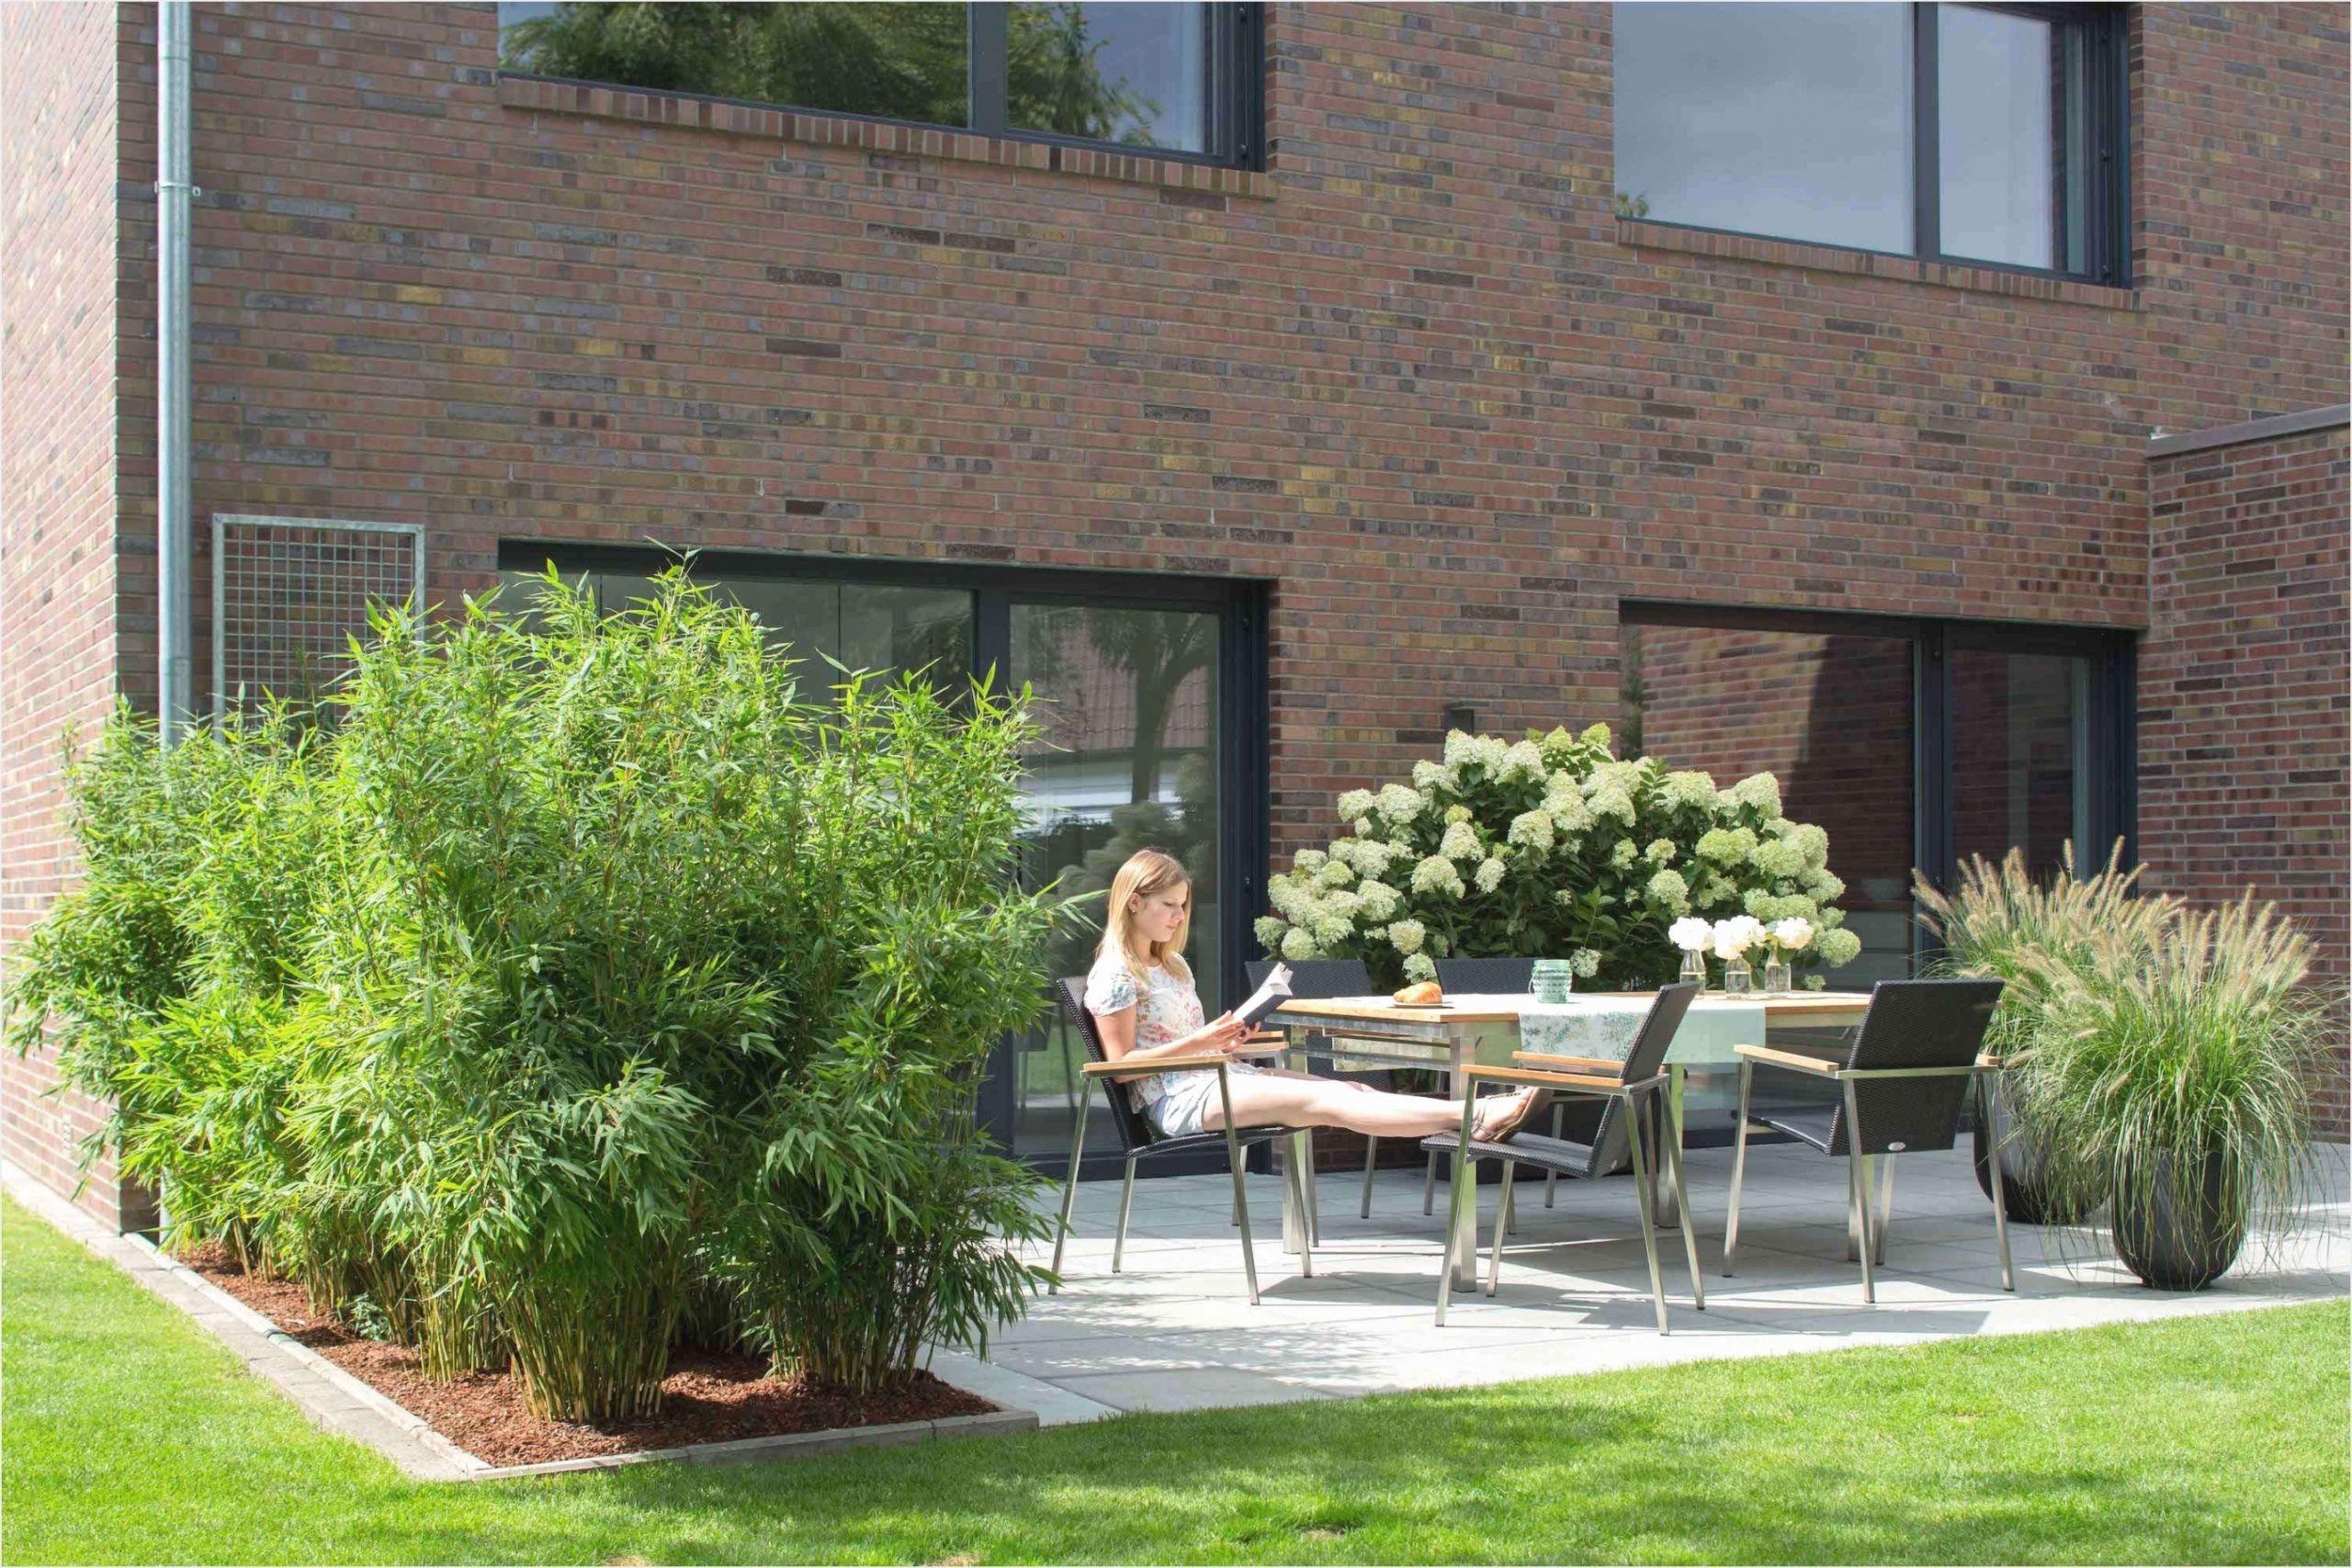 42 neu sichtschutz pflanzen terrasse foto pflanzen fur sichtschutz pflanzen fur sichtschutz